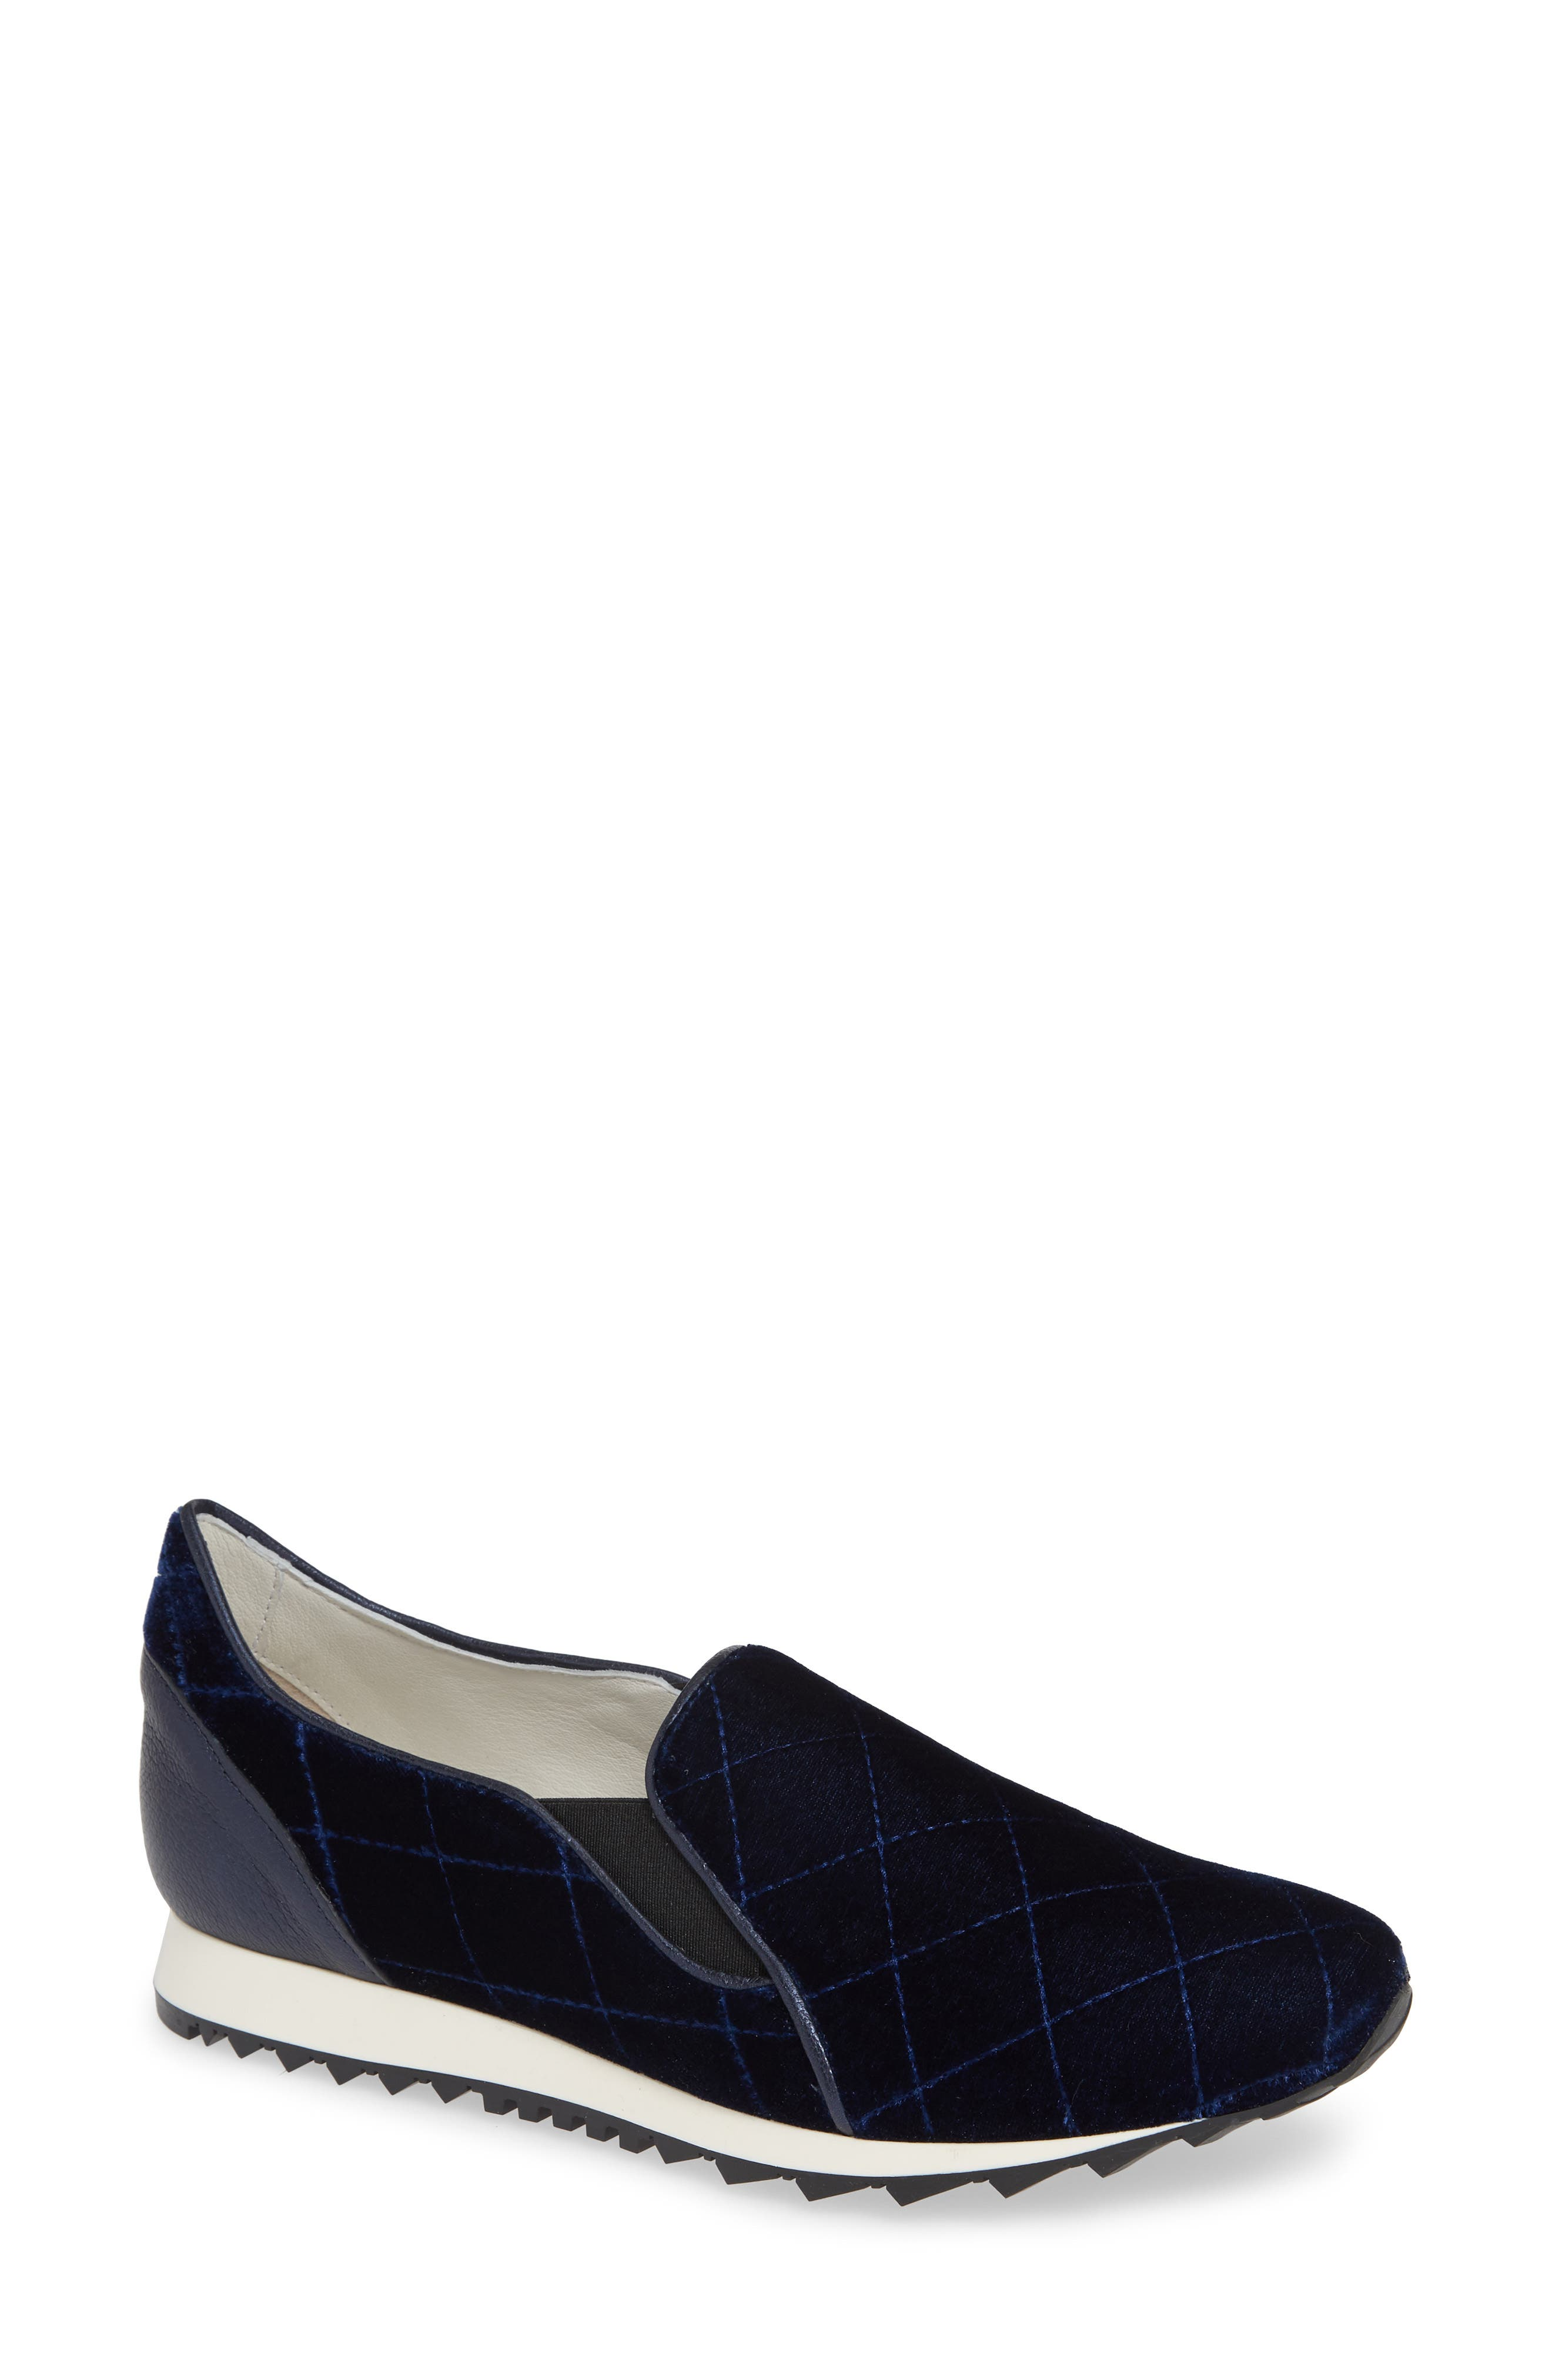 85a92119bb0 Women's Amalfi By Rangoni Shoes | Nordstrom